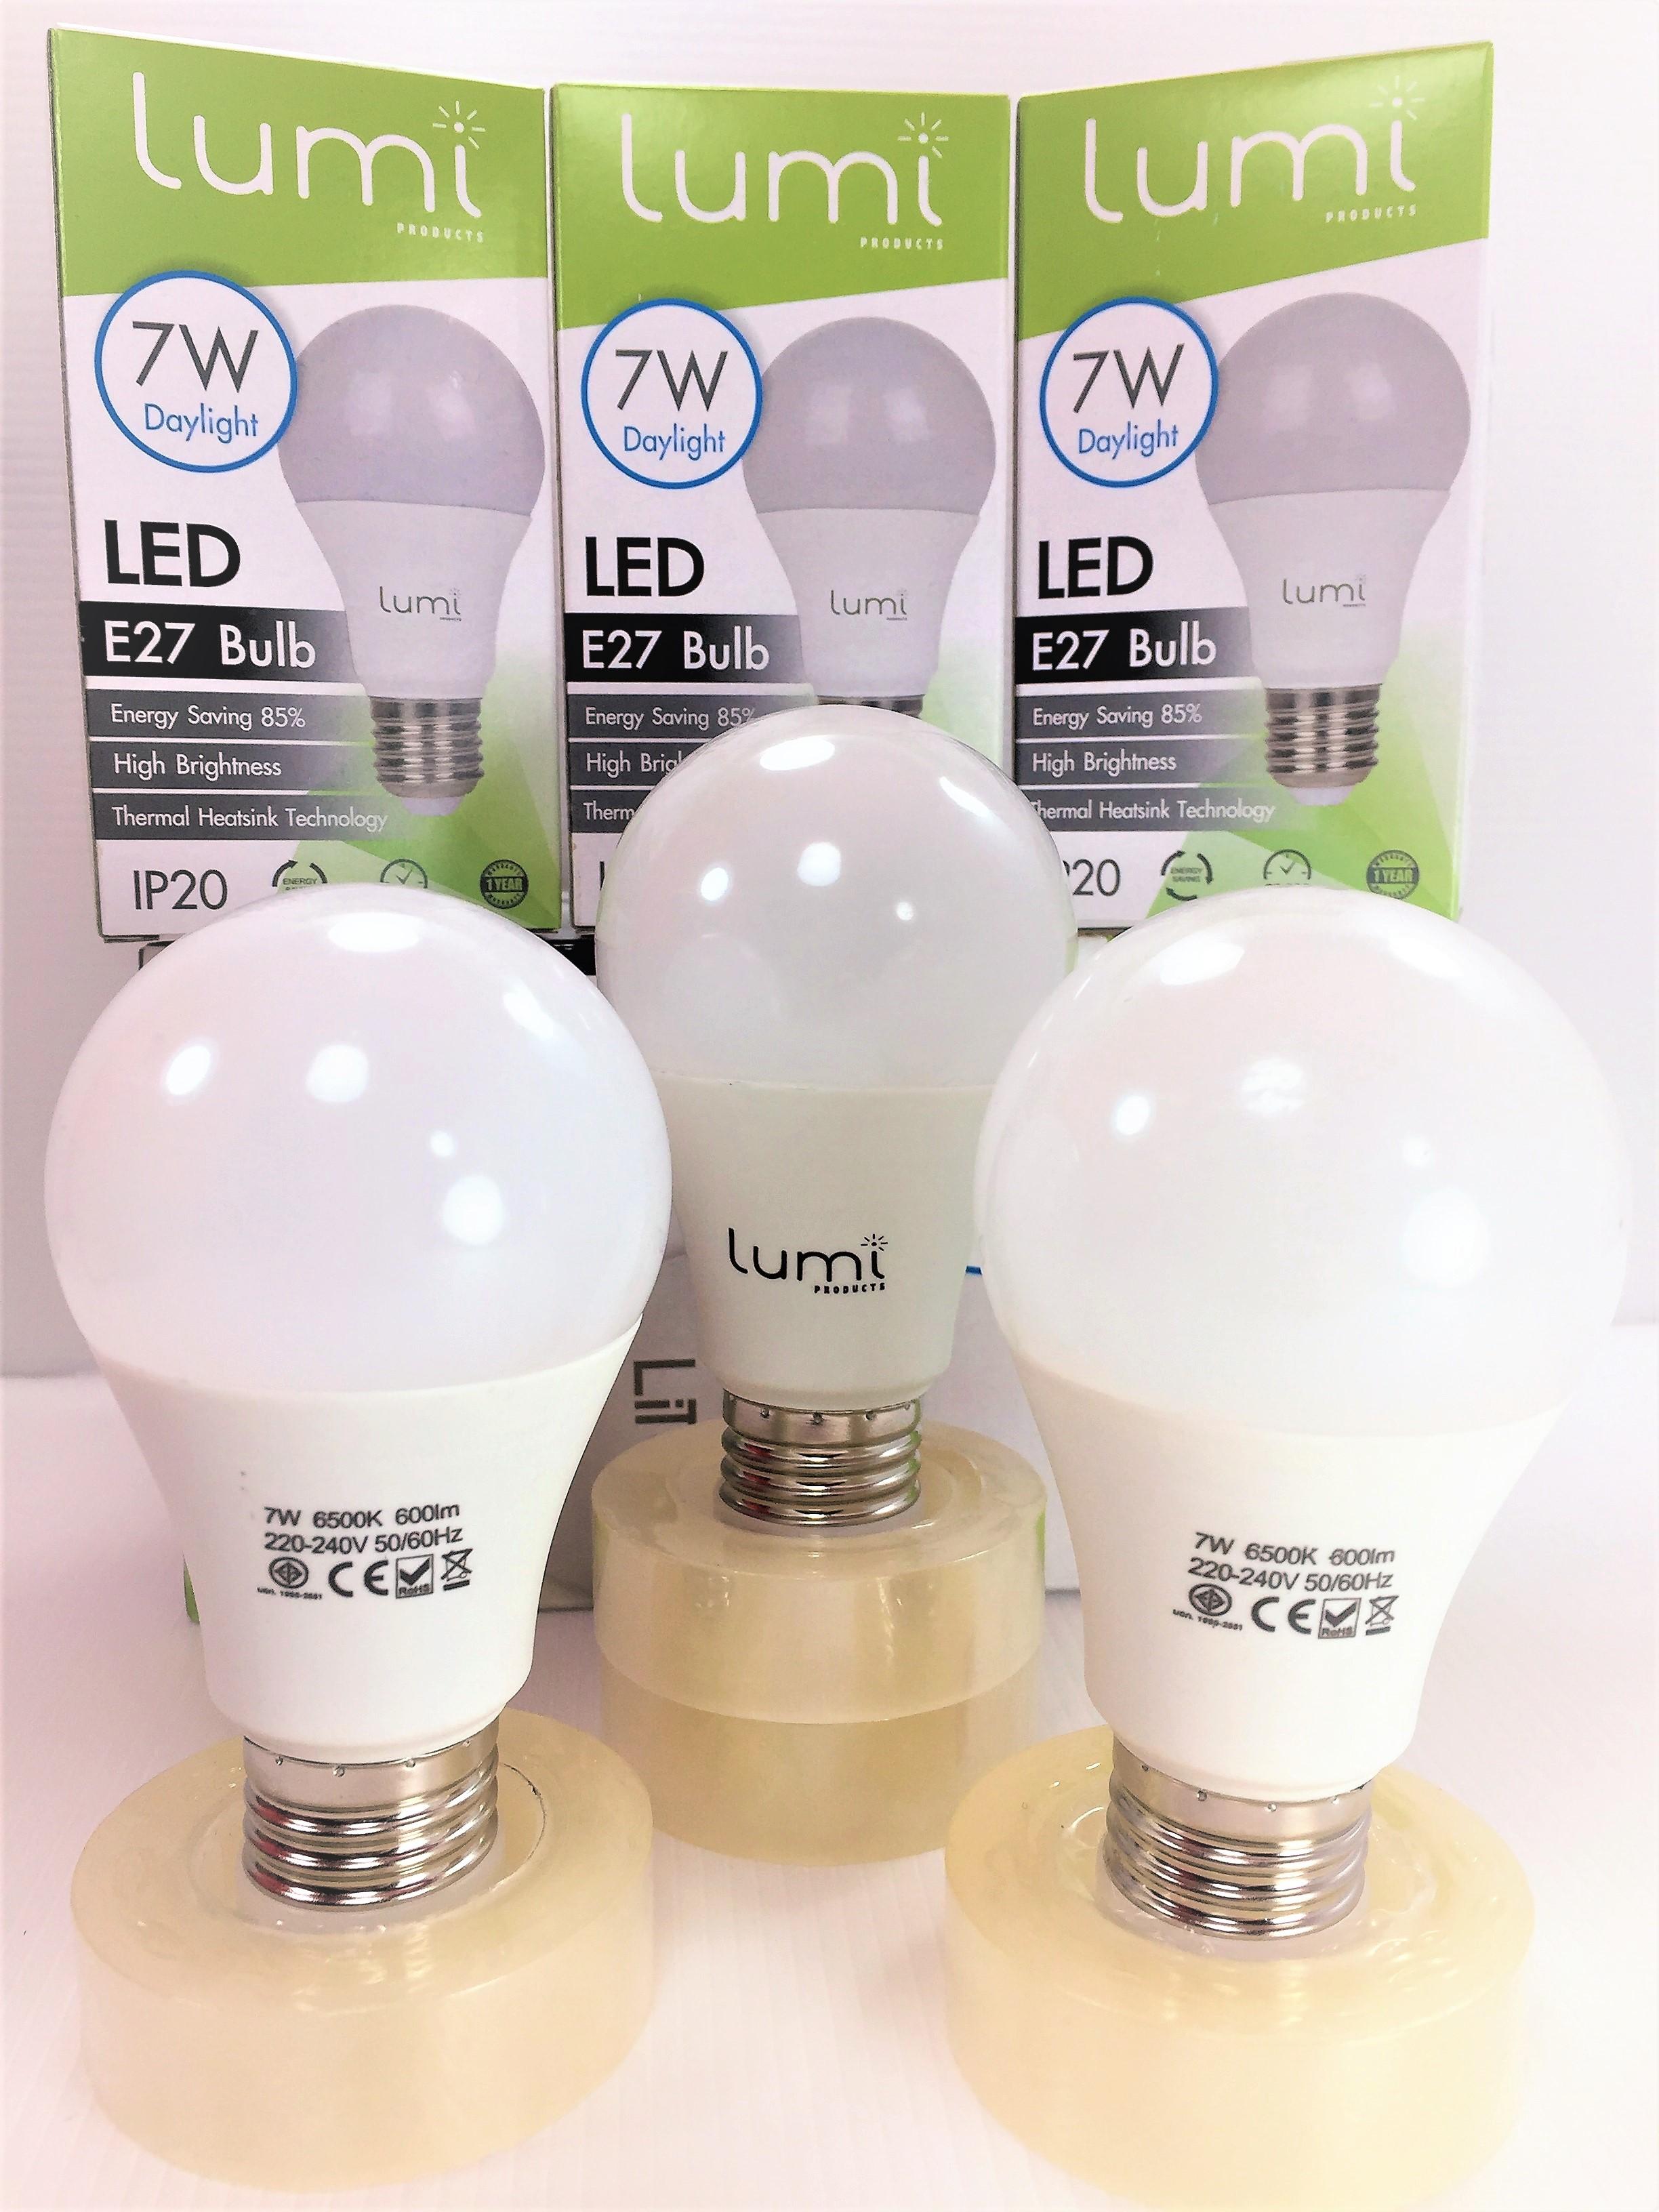 หลอด LED E27 7W เดย์ไลท์ Lumi แพ็ค 50 ดวง